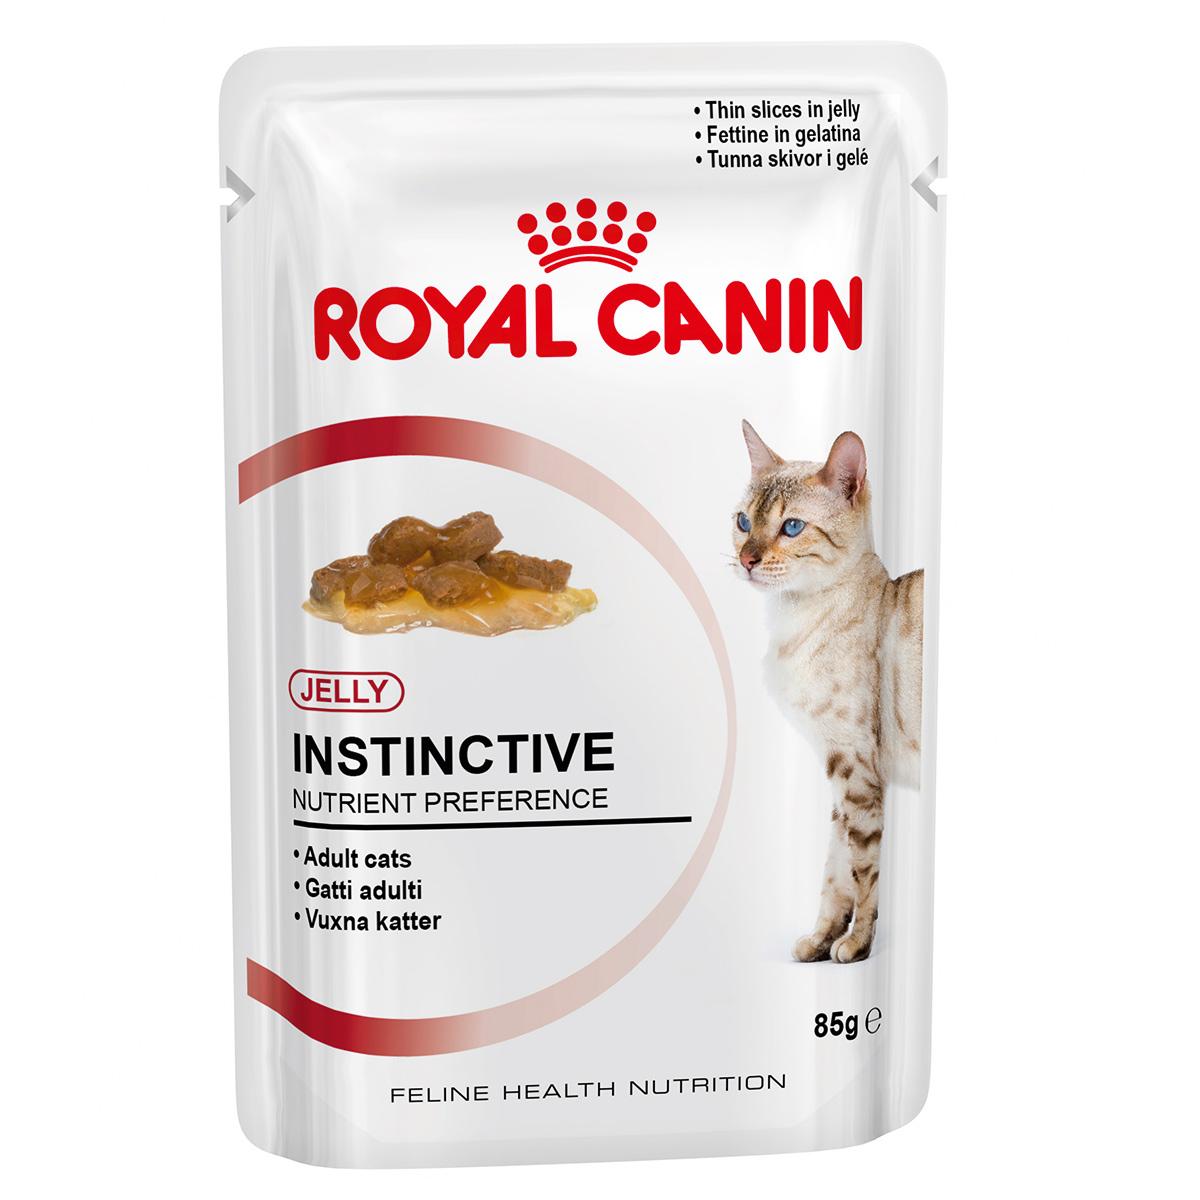 Royal Canin Instinctive in Jelly, 1 plic x 85 g imagine